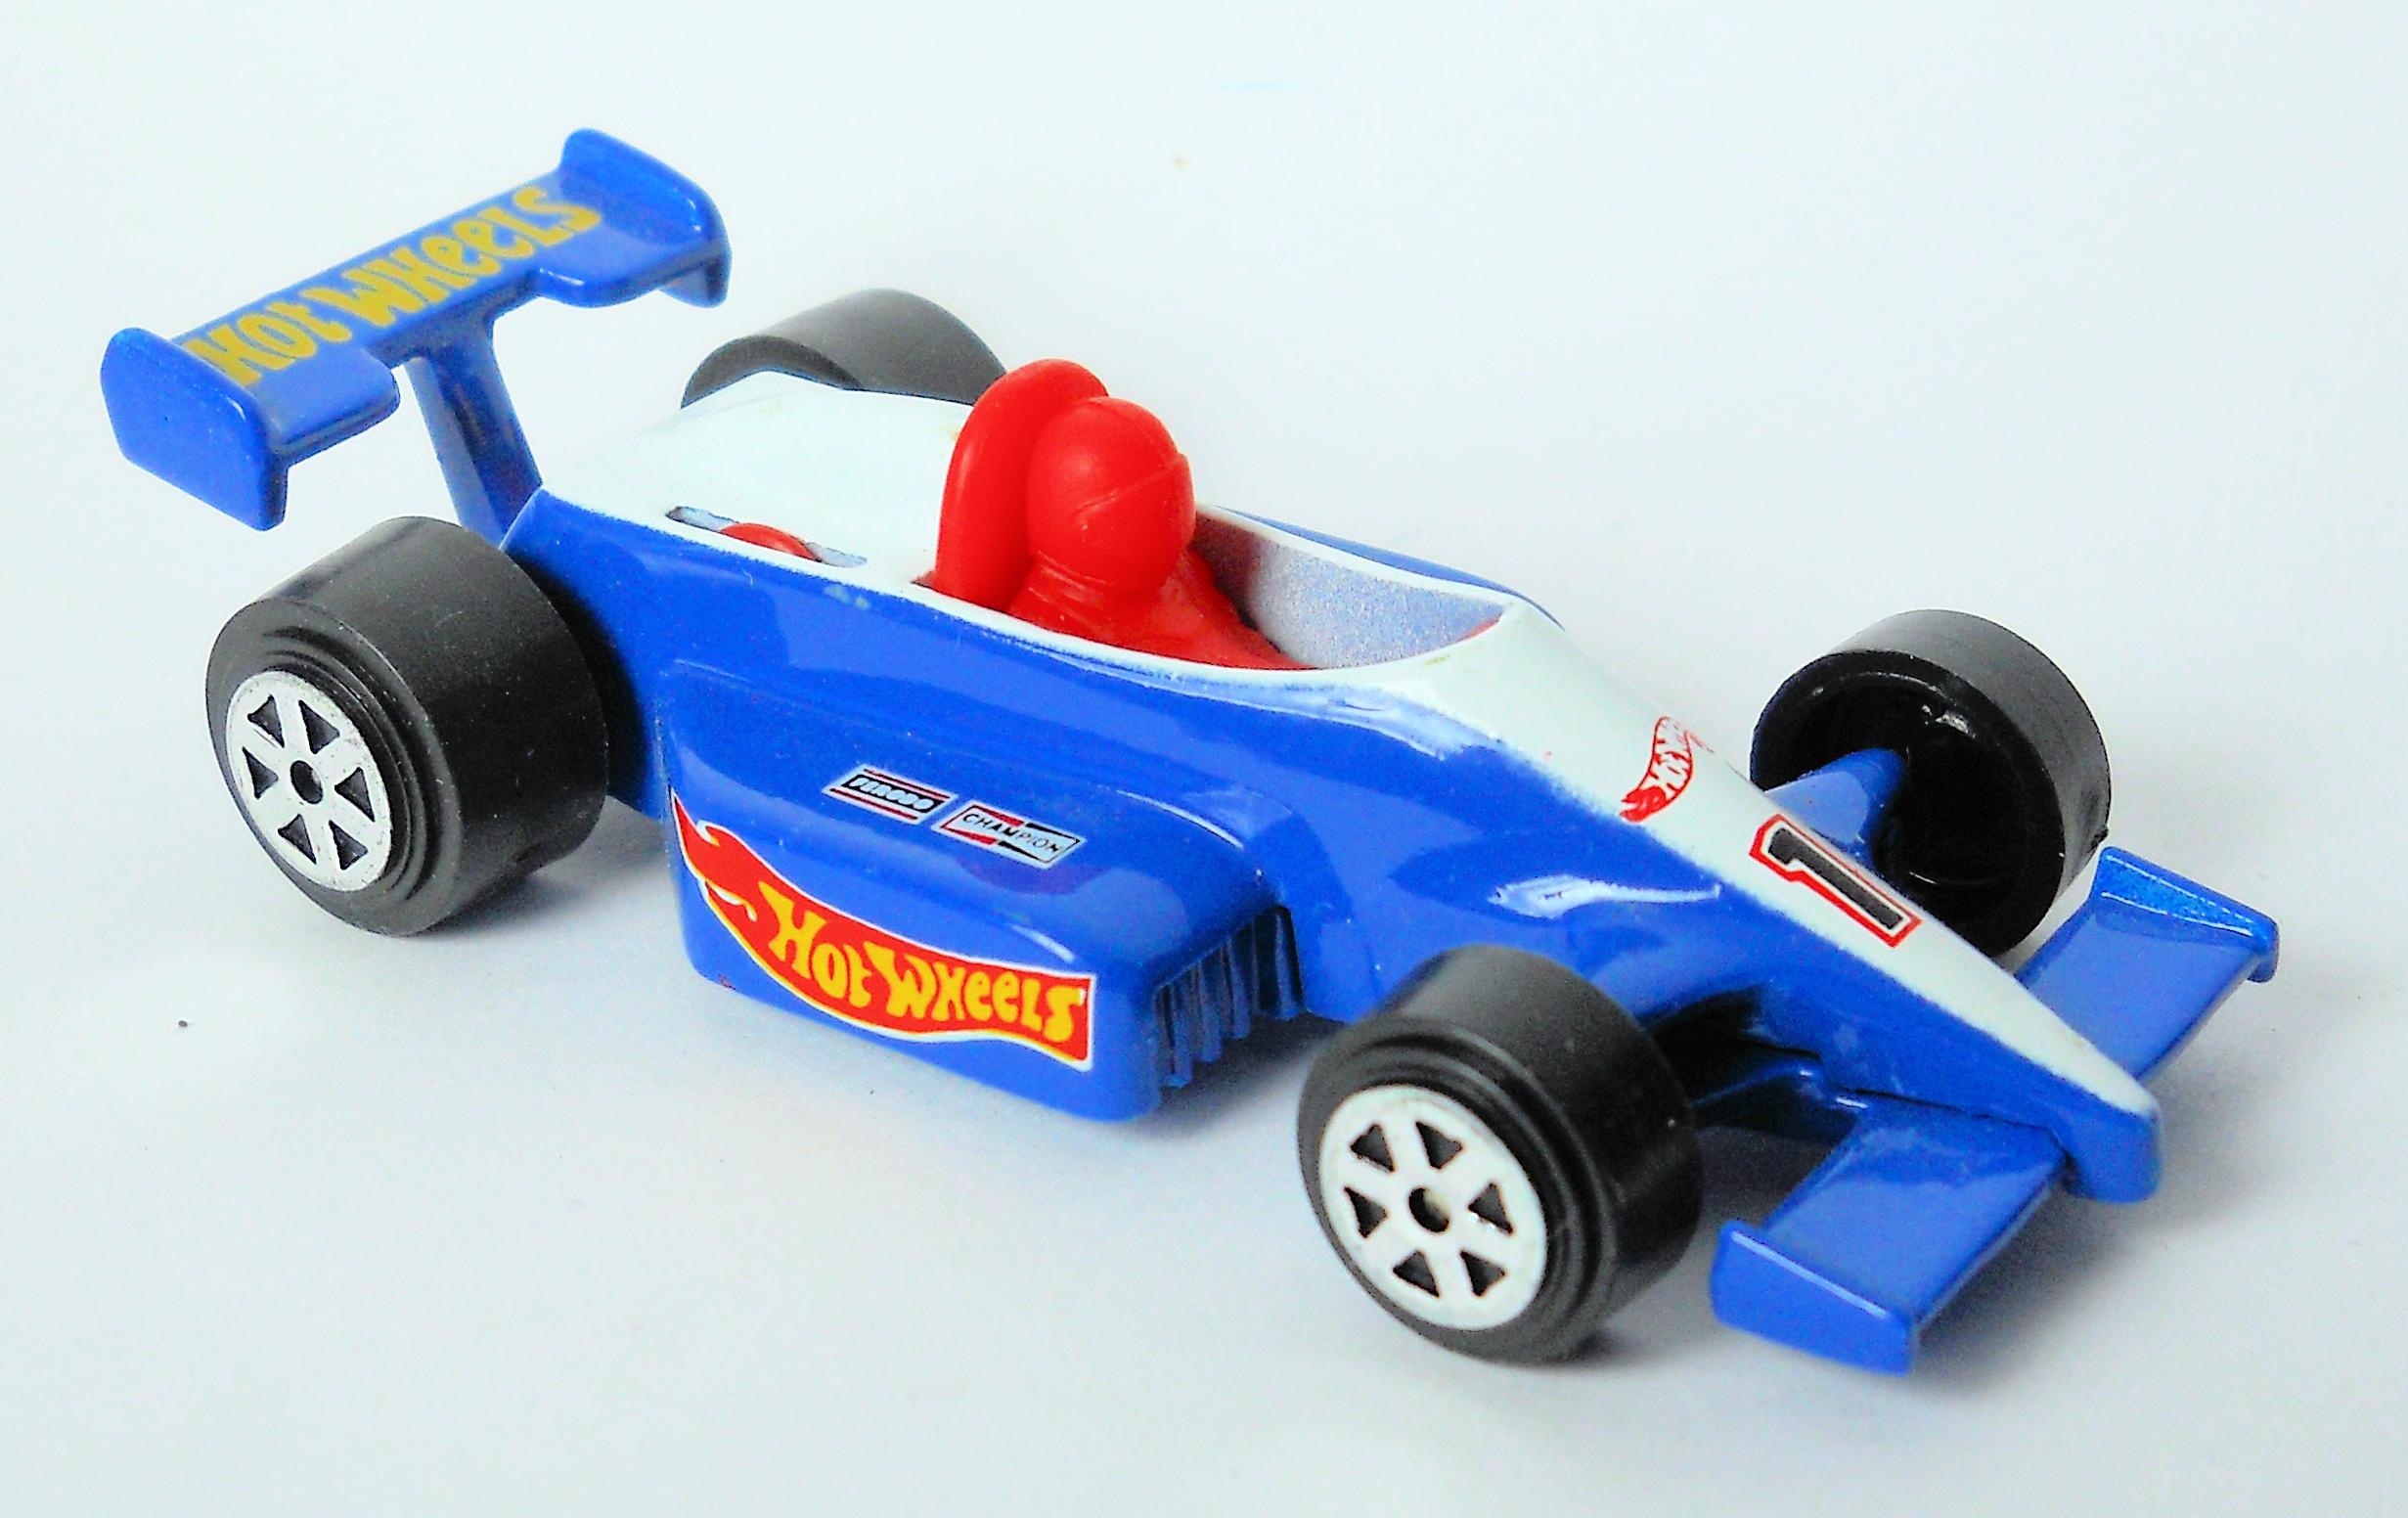 F.1 Race Car